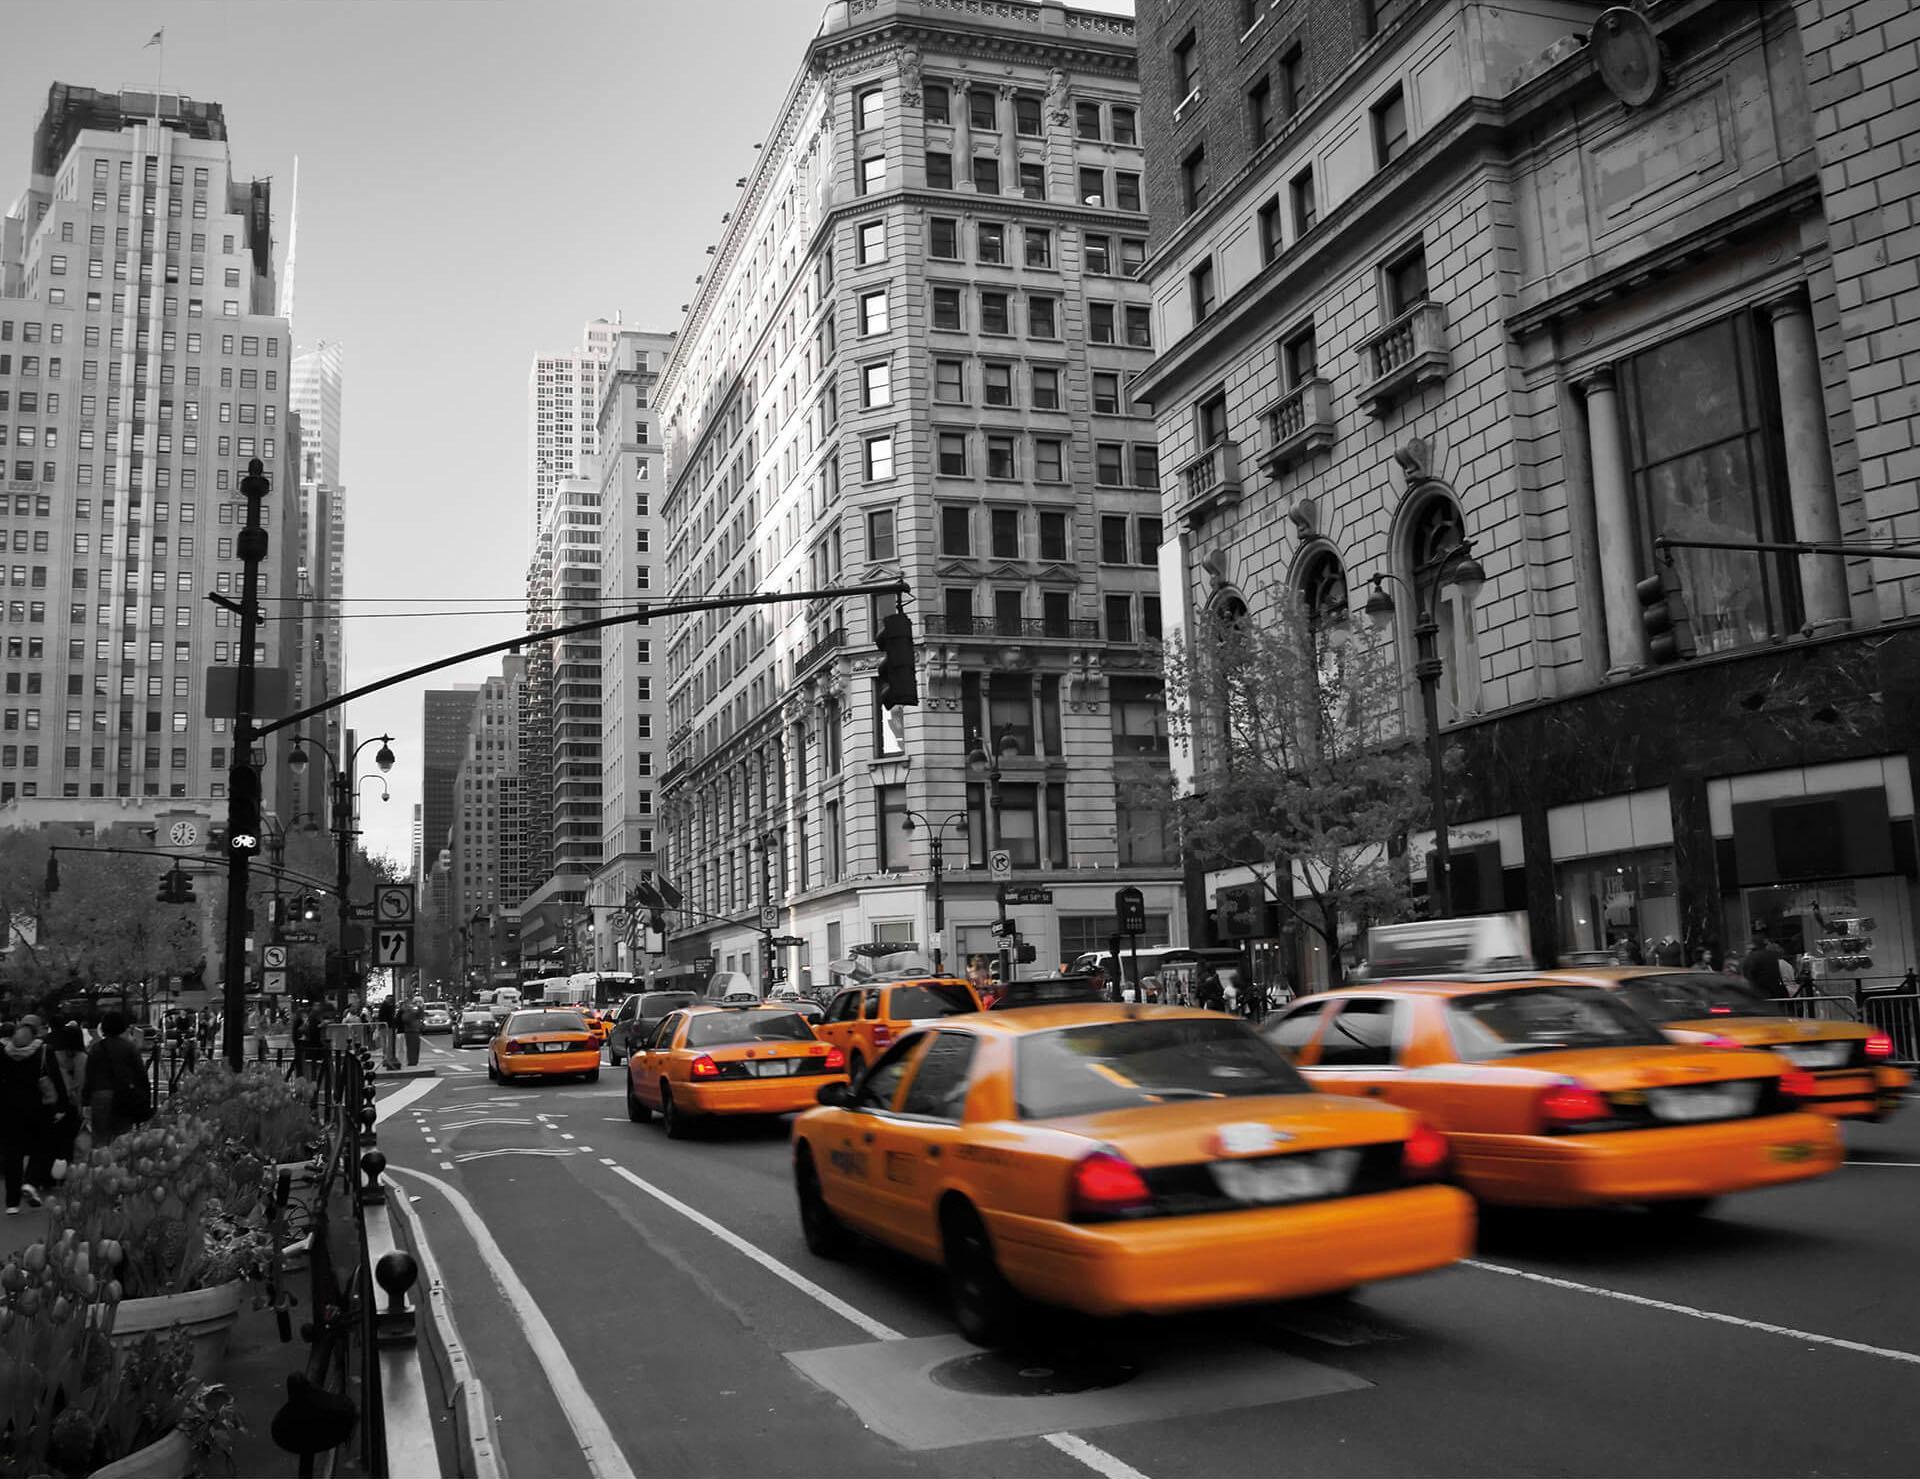 Vliestapete Cabs in Manhattan schwarz Fototapeten Tapeten Bauen Renovieren